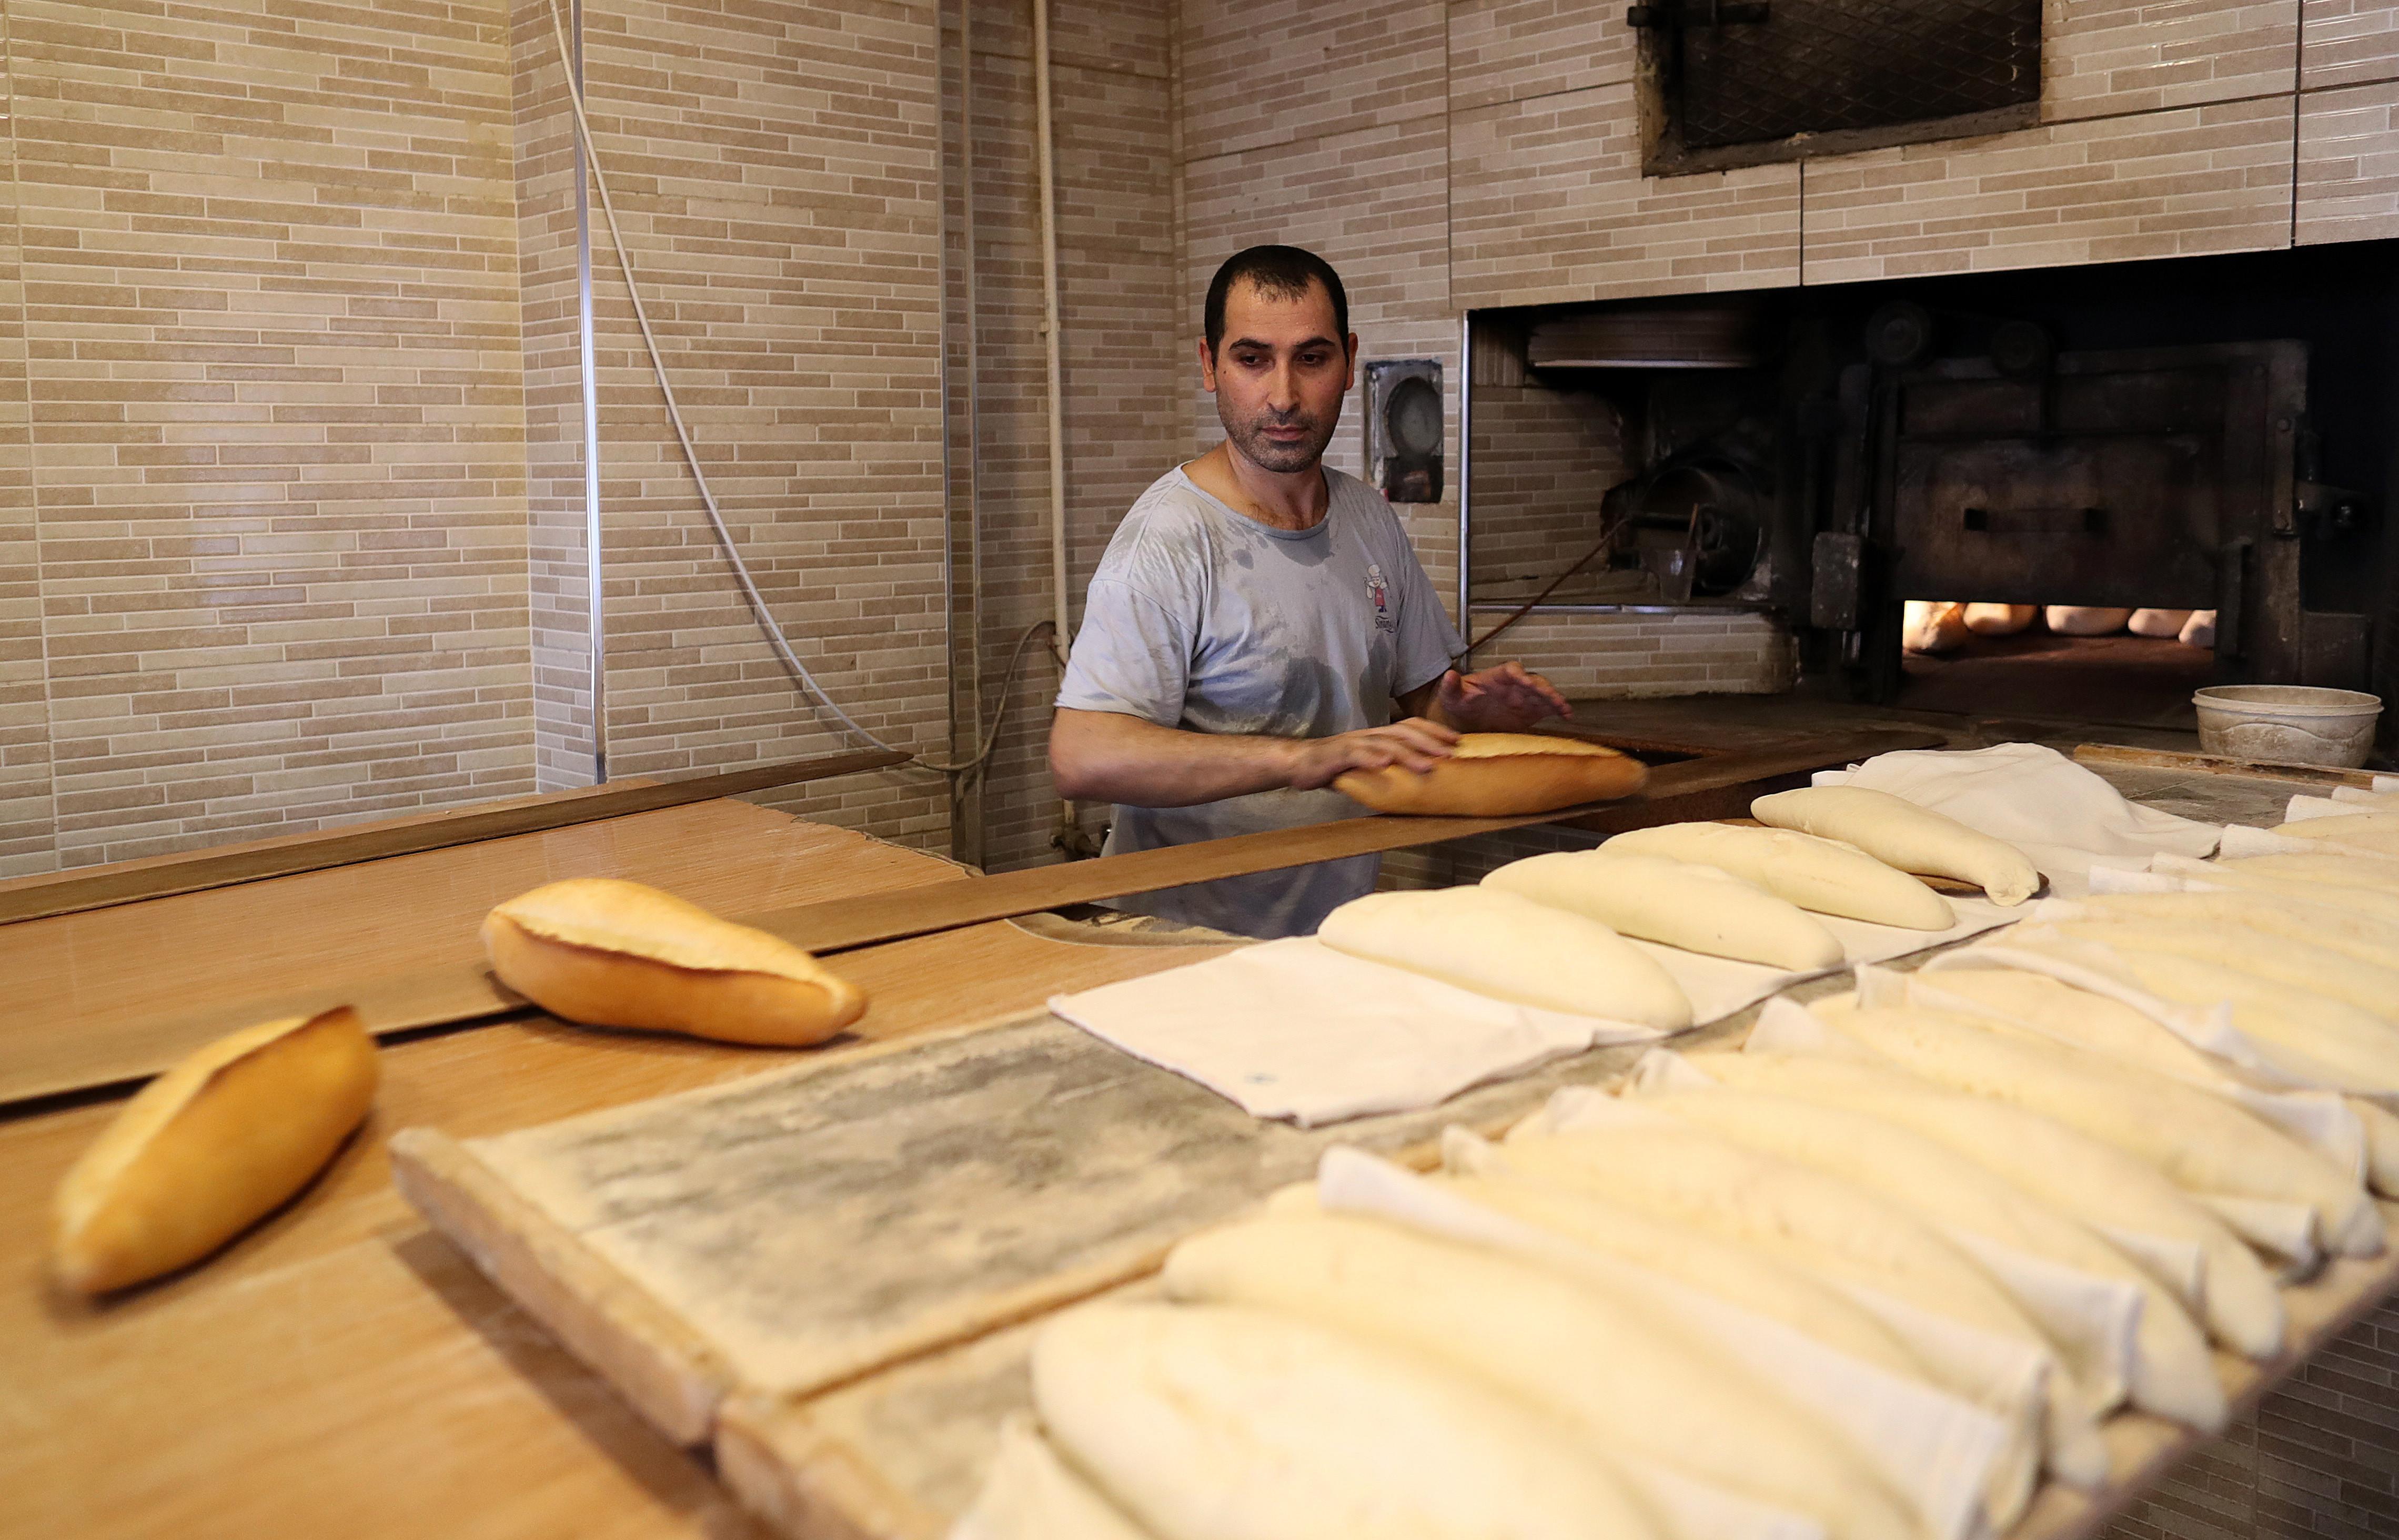 Pão pode aumentar em 2019 em função de subida do salário mínimo